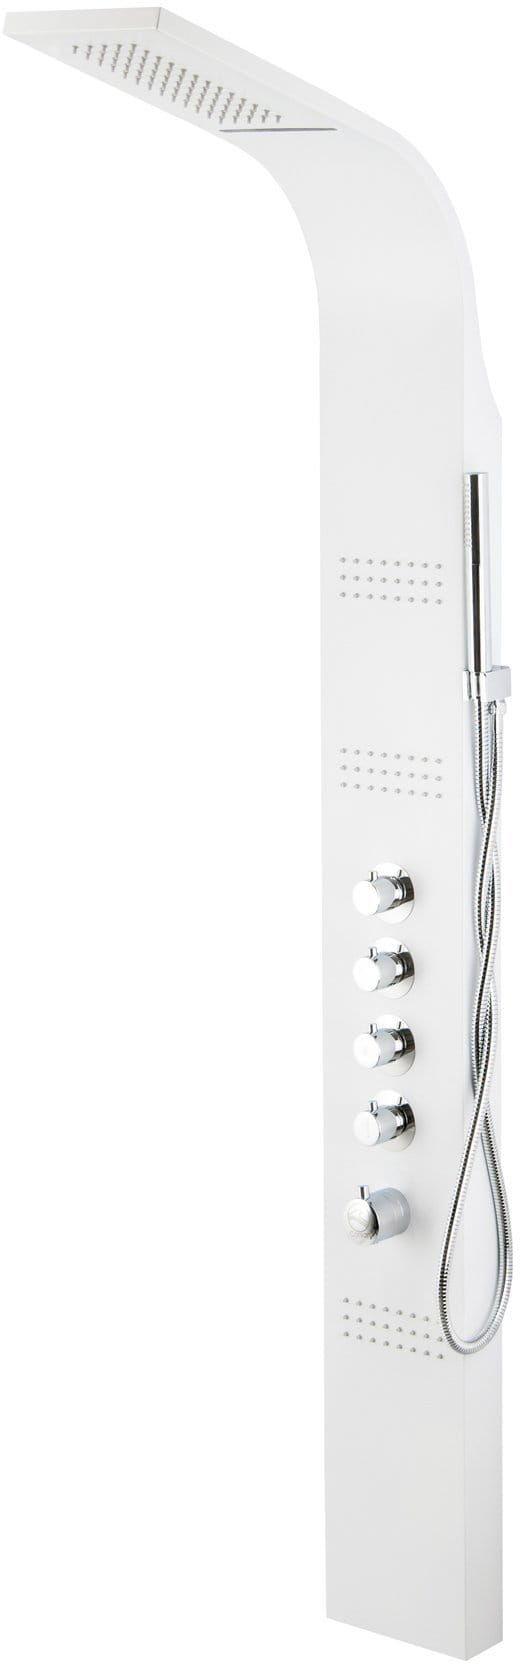 Corsan Kaskada panel prysznicowy z mieszaczem biały Led A-013AM NEW LED BIEL